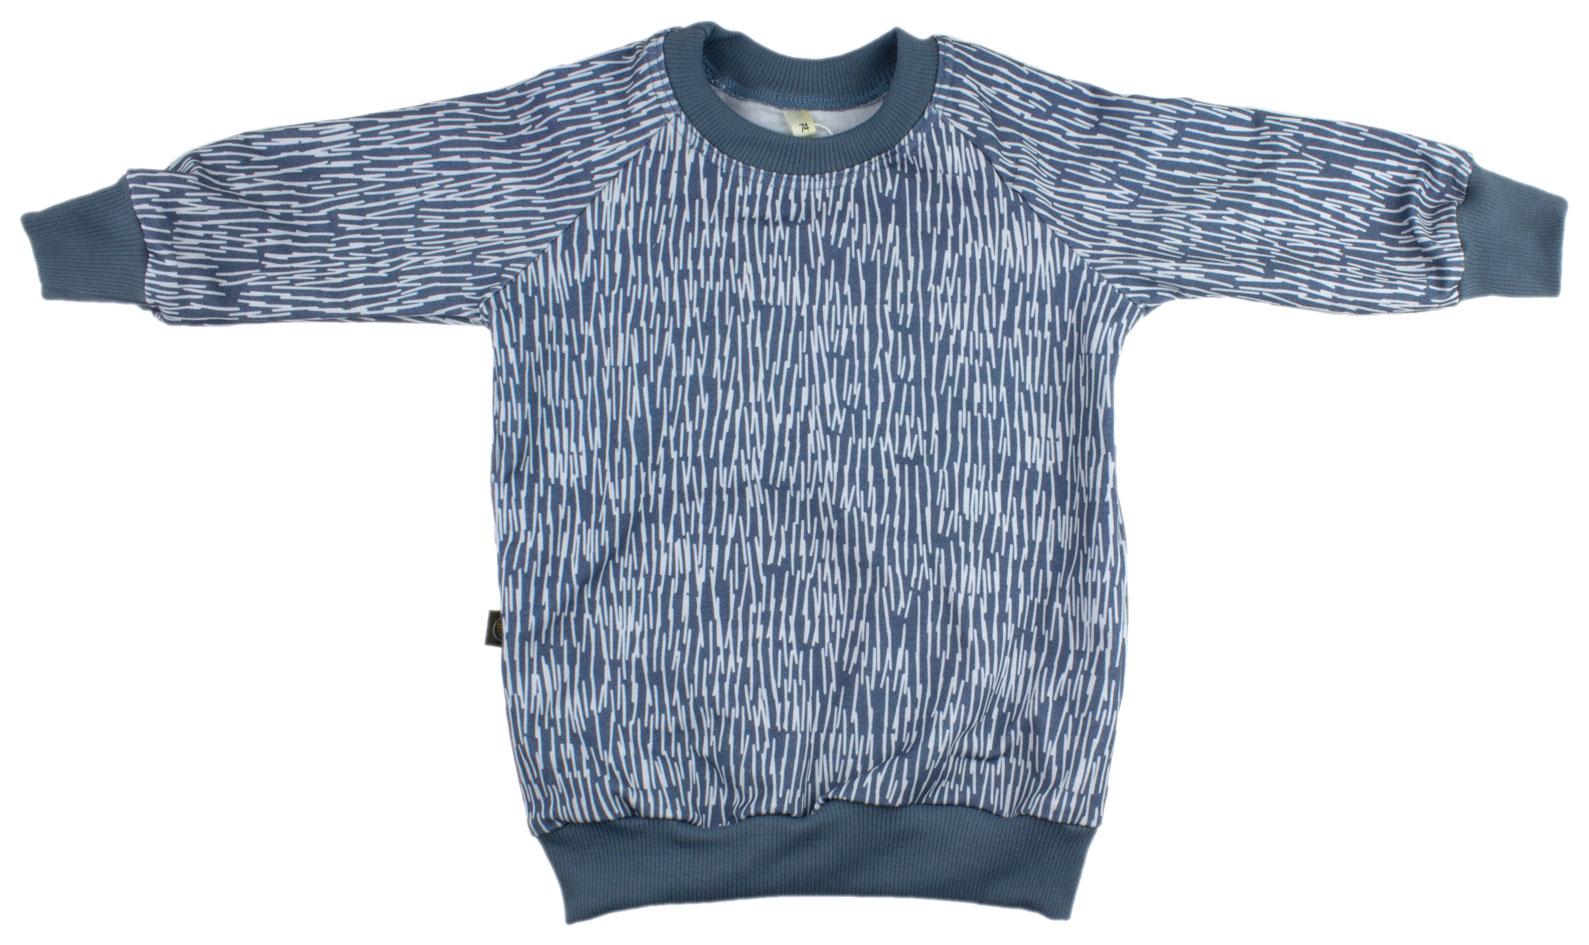 blauw met kleine witte streepjes (sweater)